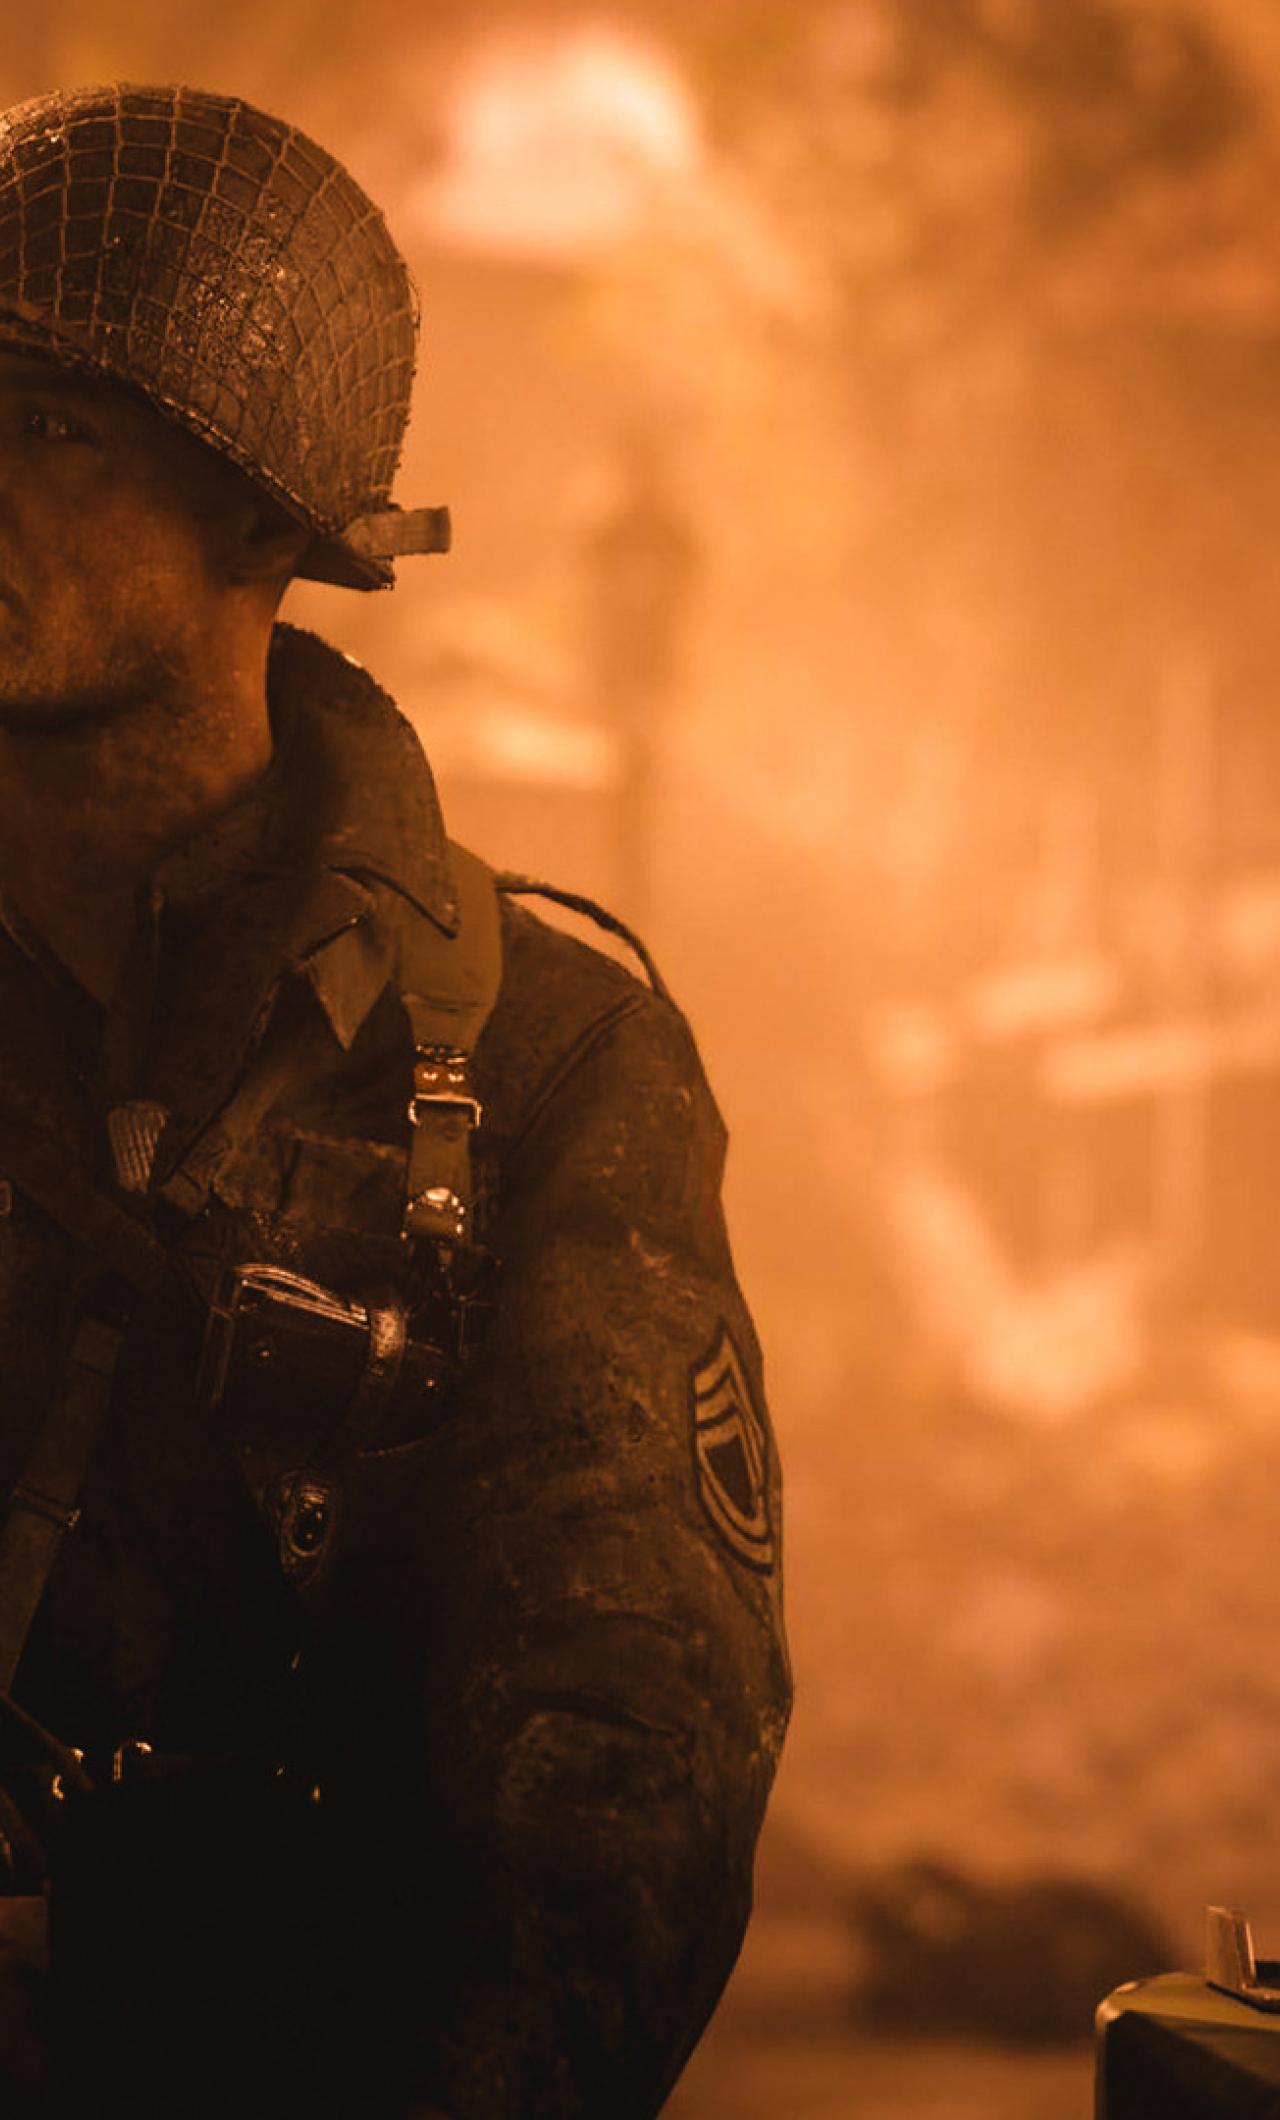 Call of duty wwii soldier full hd wallpaper - Call of duty ww2 desktop ...